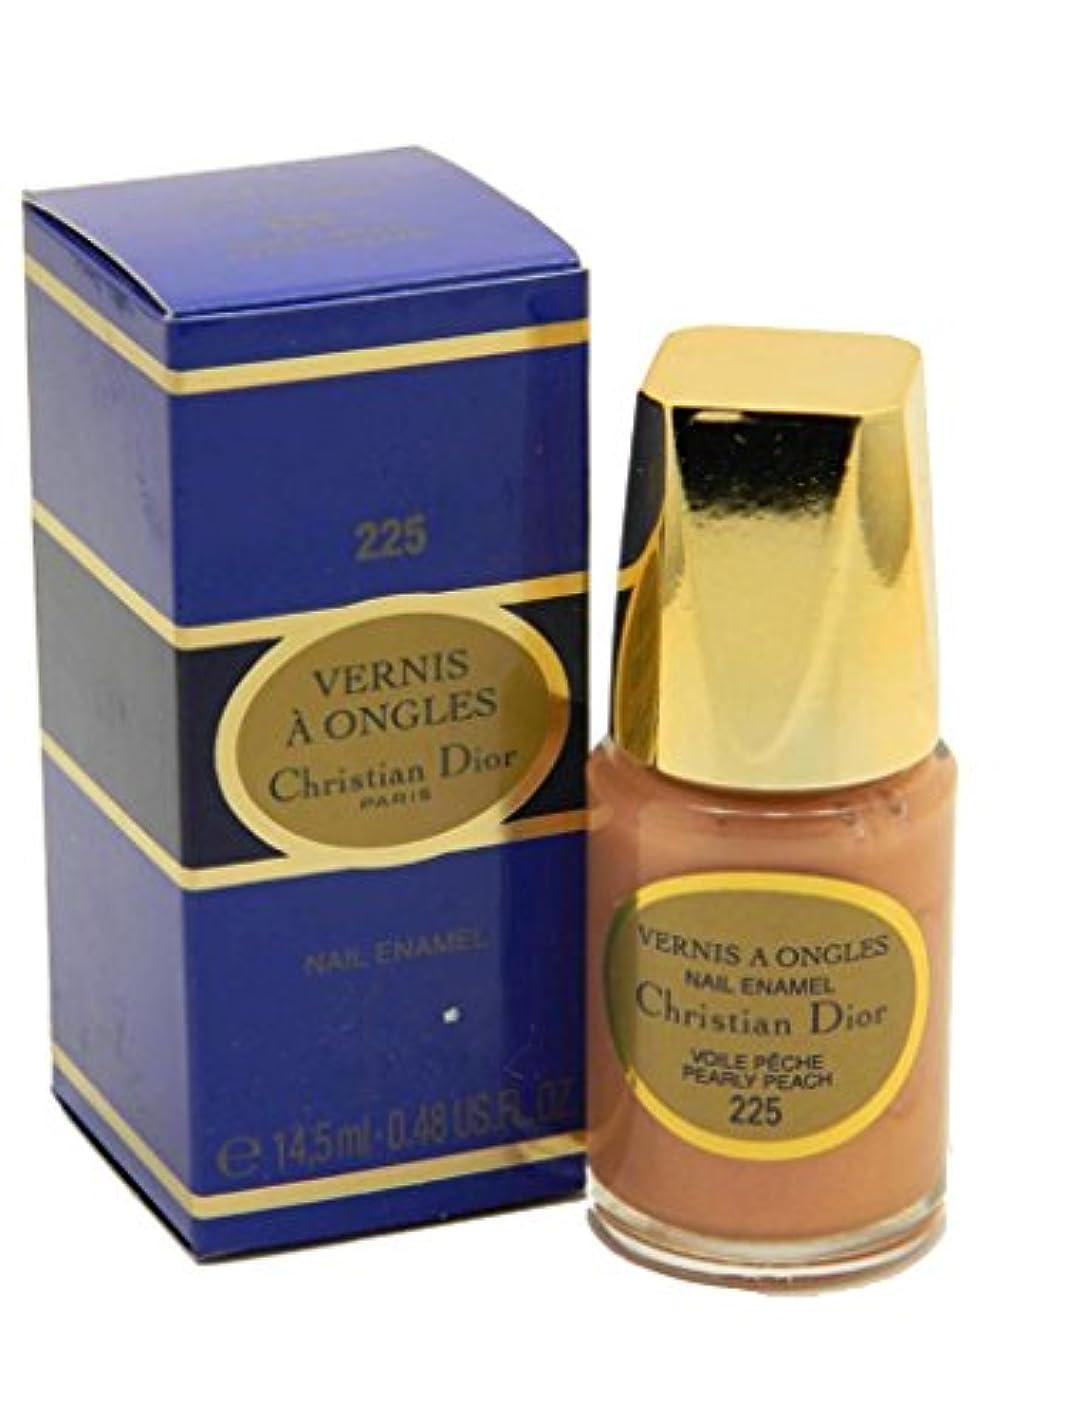 思慮深いかりて革命的Dior Vernis A Ongles Nail Enamel Polish 225 Pearly Peach(ディオール ヴェルニ ア オングル ネイルエナメル ポリッシュ 225 パーリィピーチ) [並行輸入品]